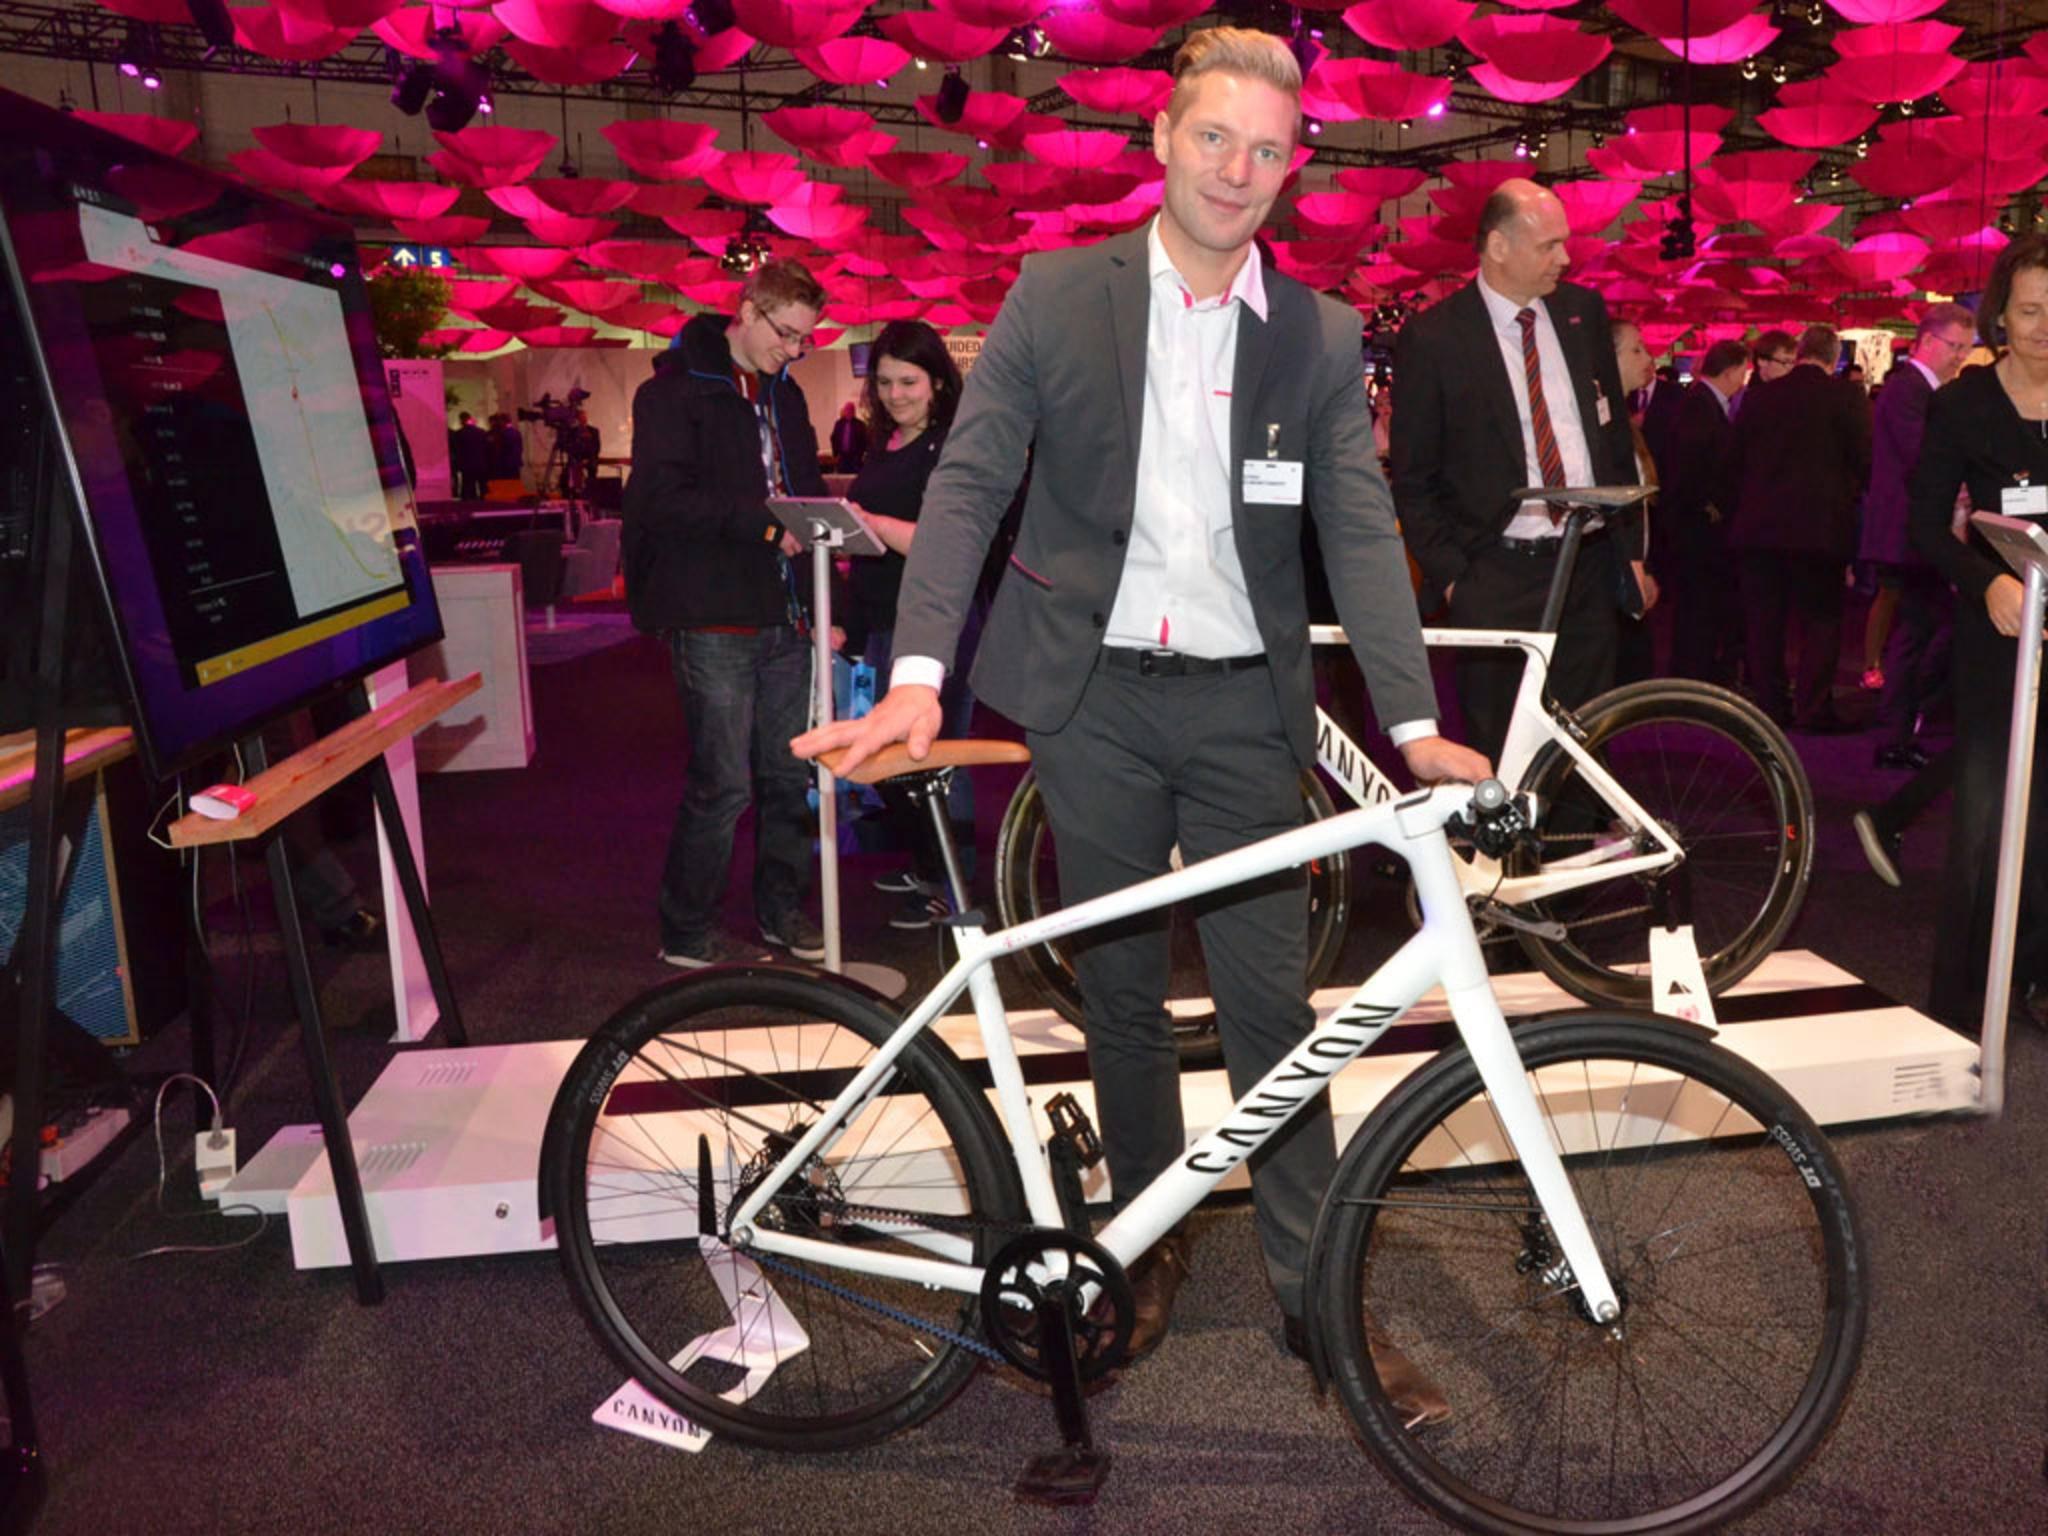 Das connected bike der Telekom auf der CeBIT.